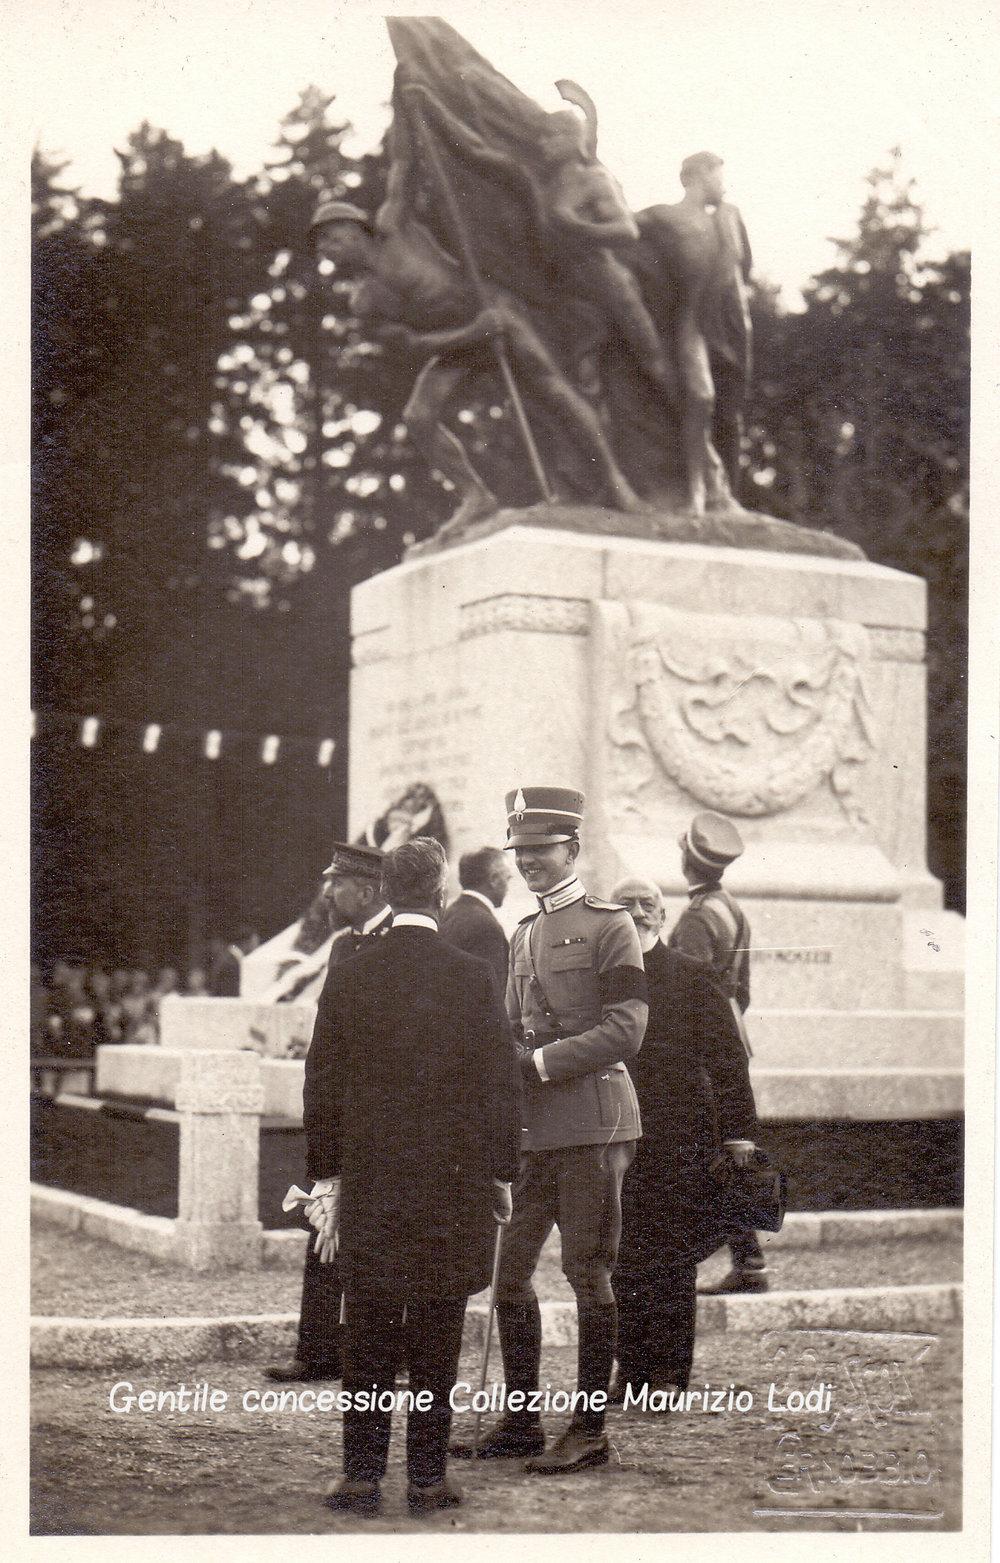 22 05 1923 cernobbio inaug mon cad gg princ umberto (C).jpg